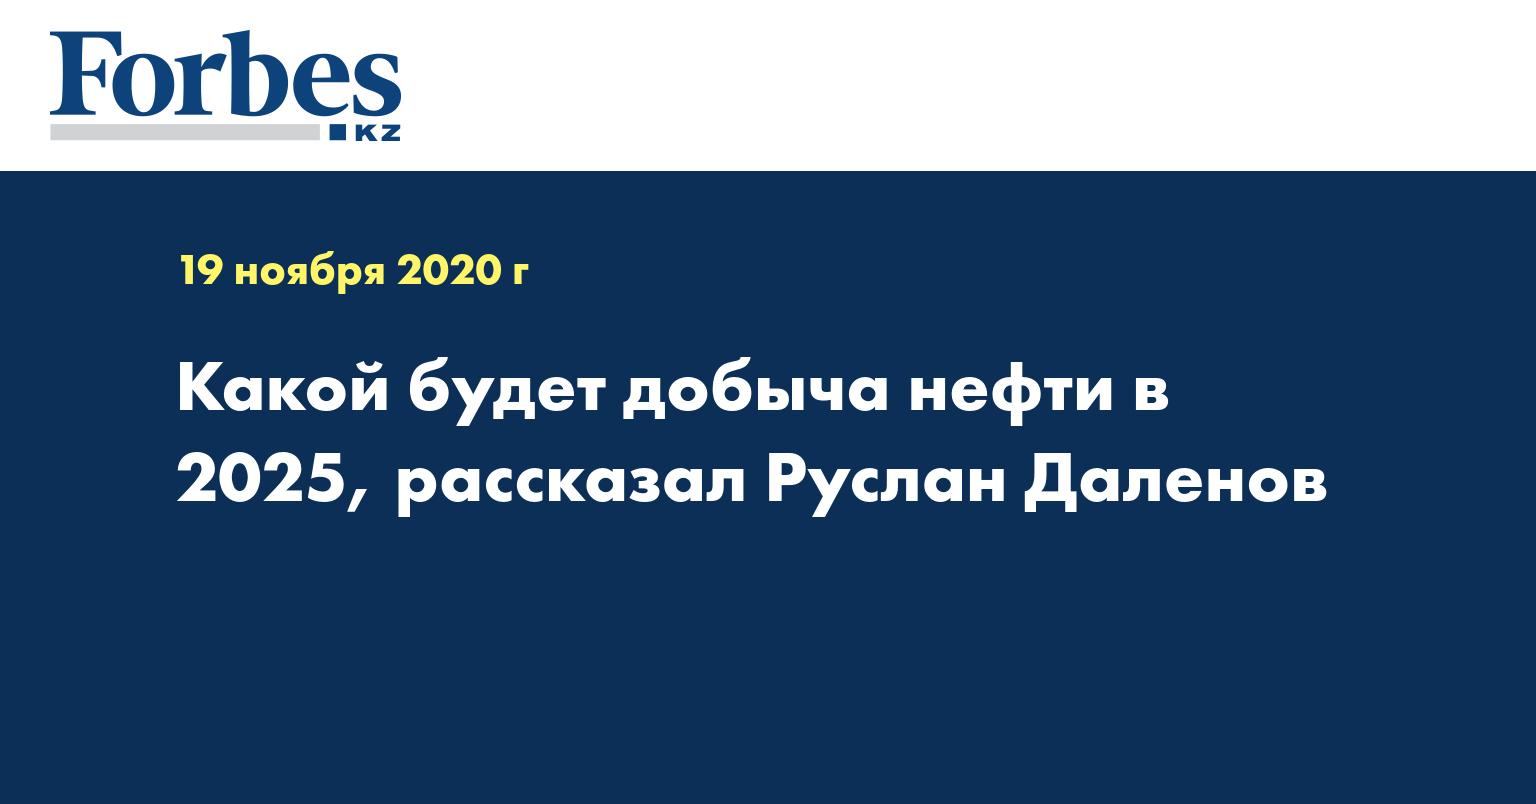 Какой будет добыча нефти в 2025, рассказал Руслан Даленов